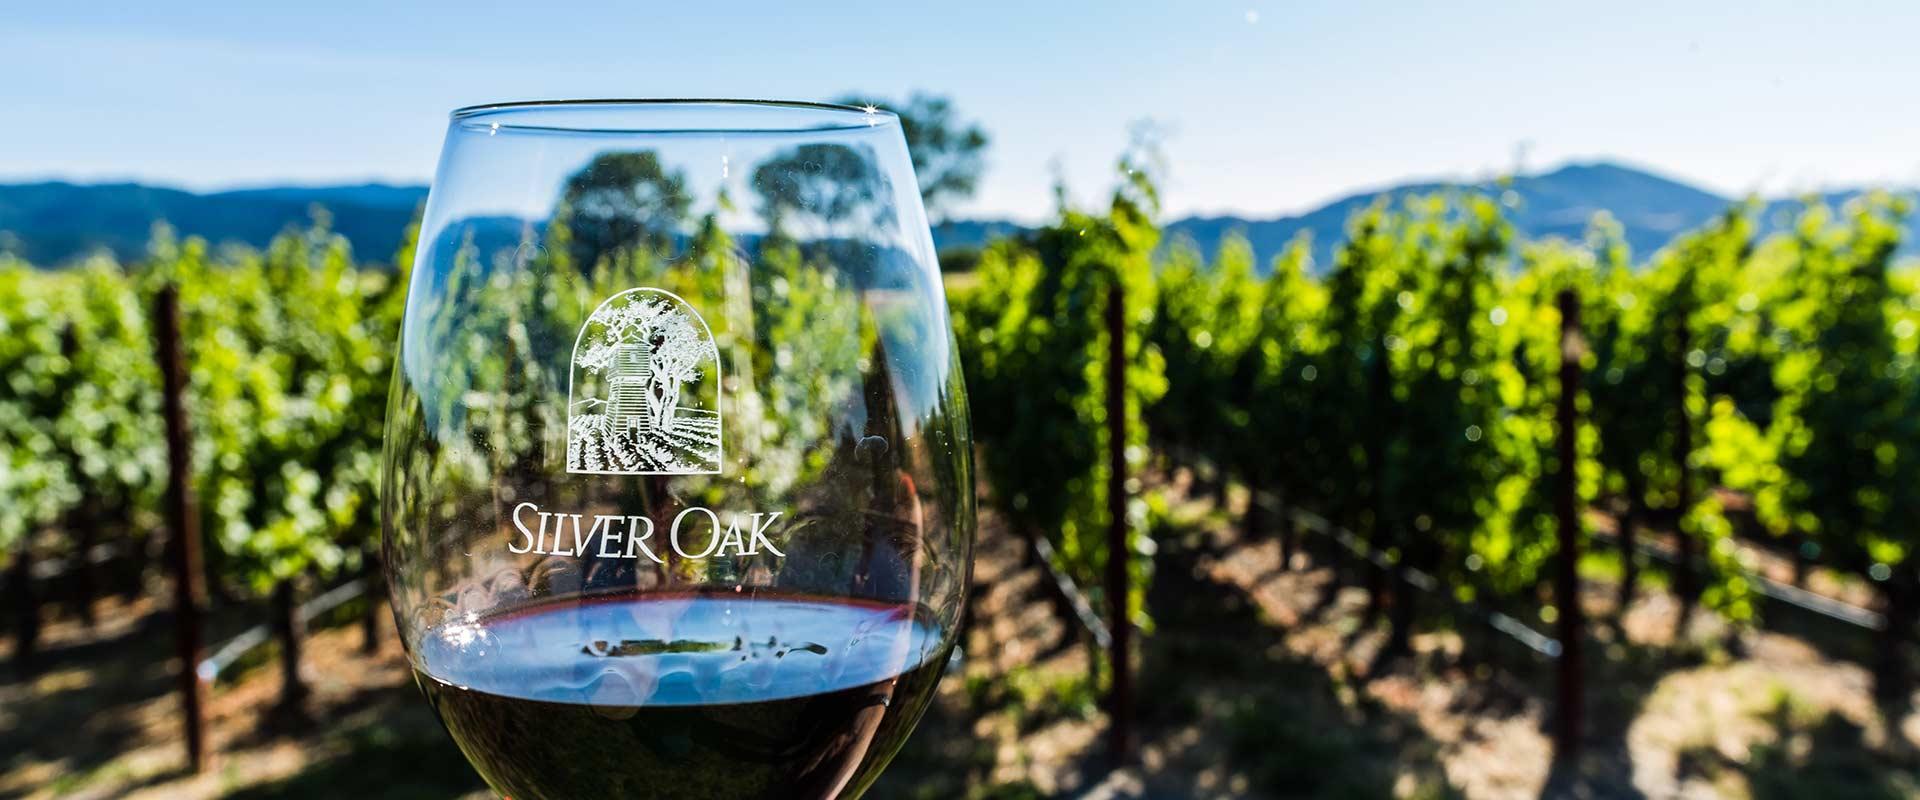 silver oak wine dinner at foxcroft wine co